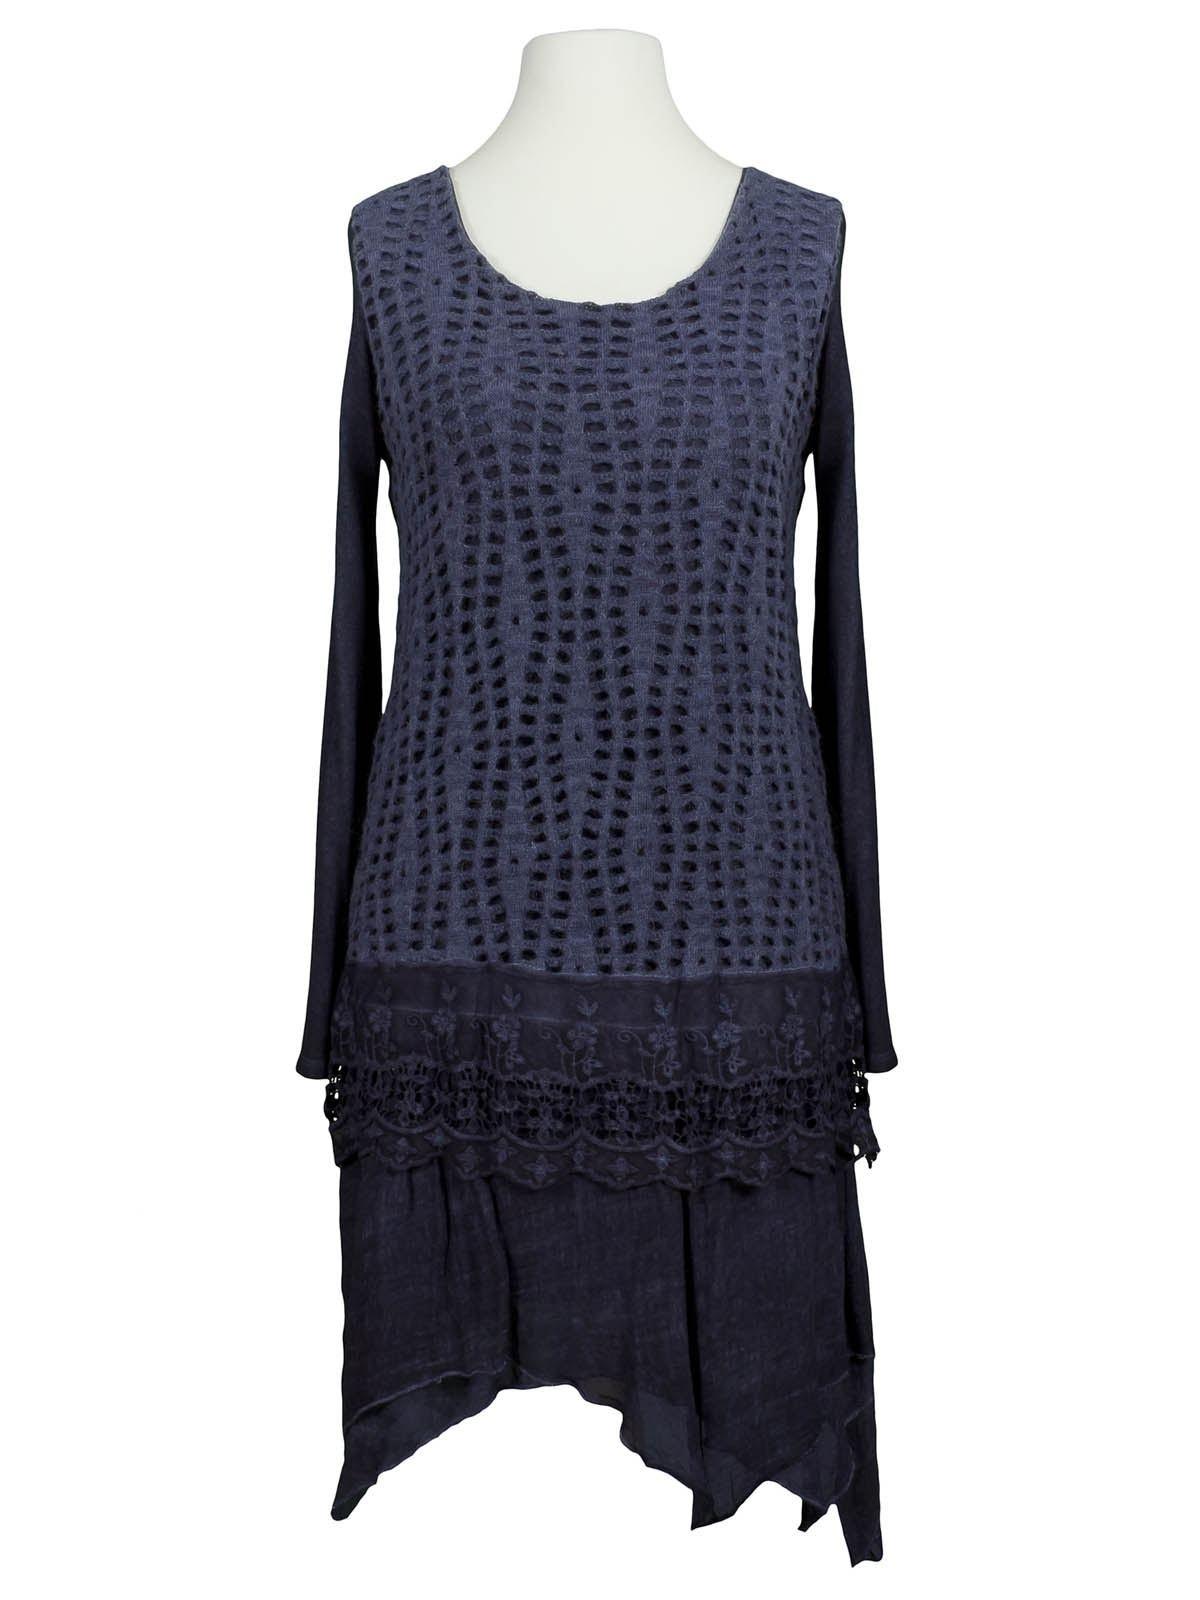 10 Wunderbar Kleid Spitze Blau Galerie13 Ausgezeichnet Kleid Spitze Blau Ärmel